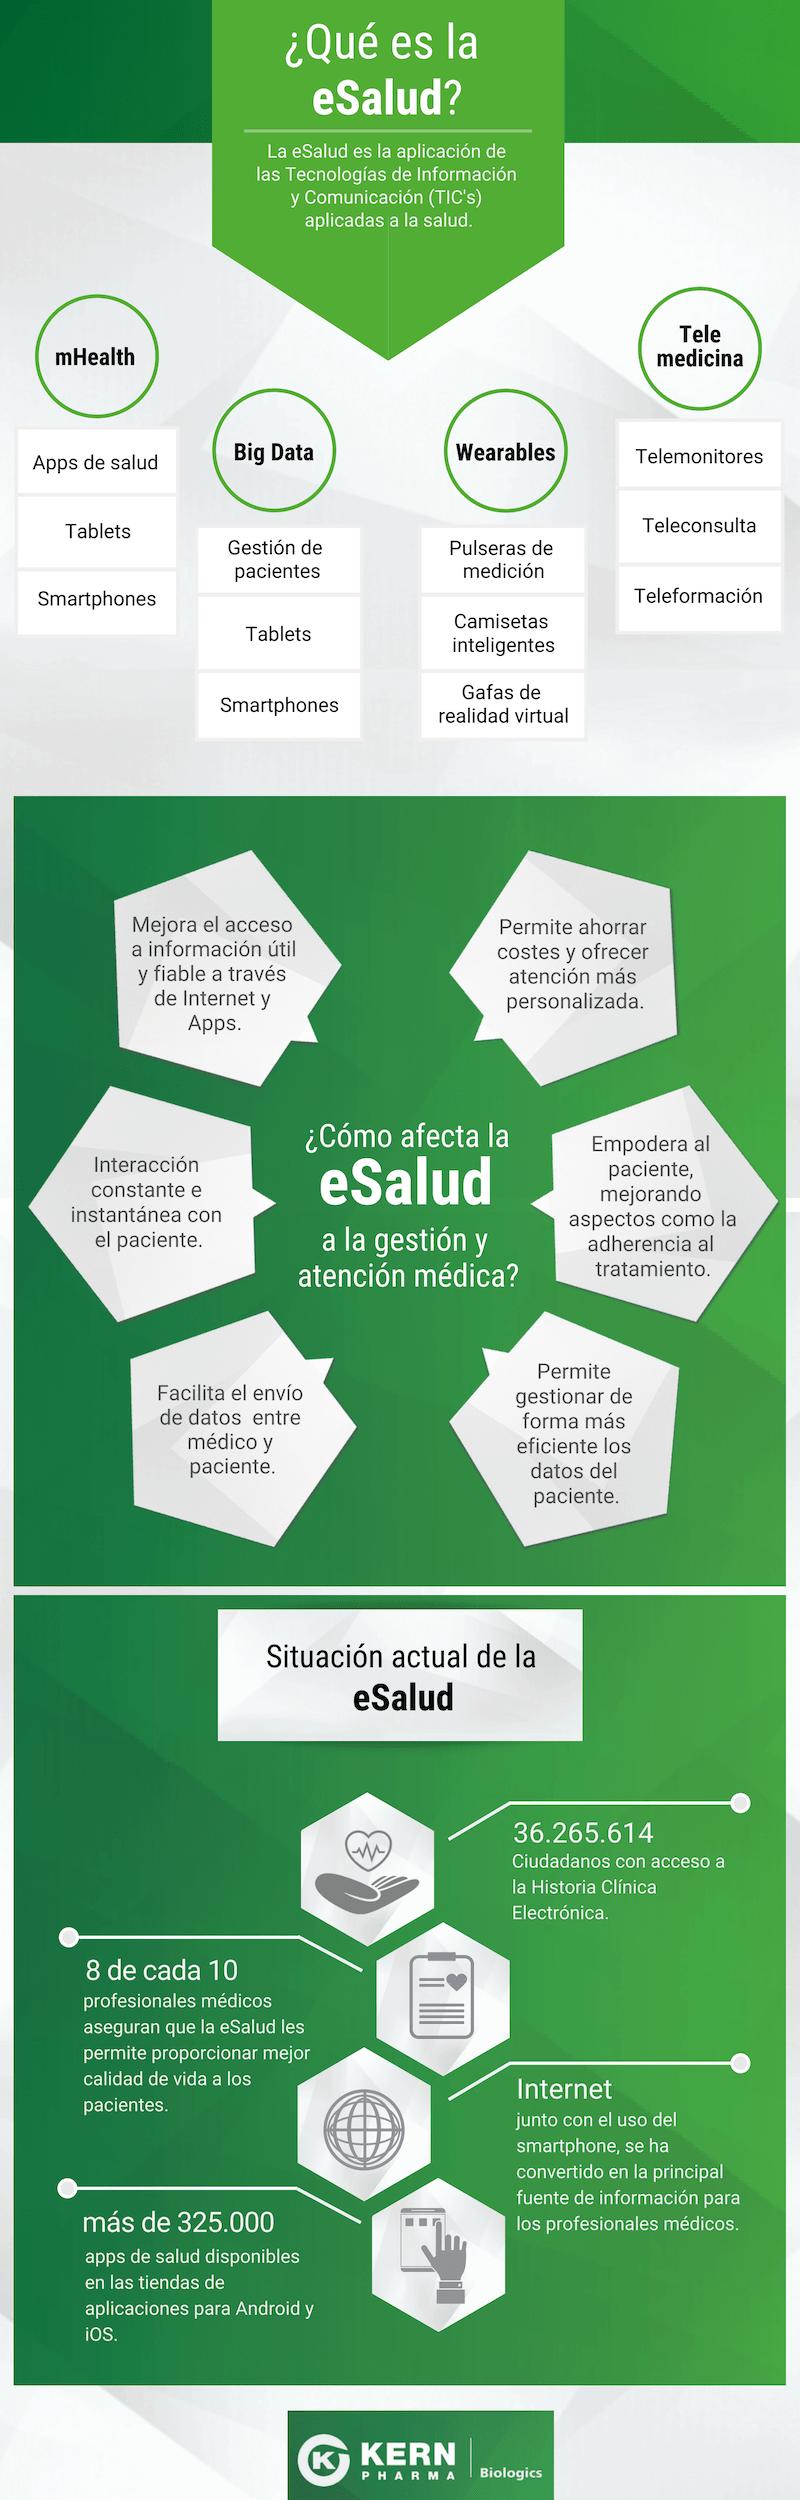 Qué es la eSalud #infografia #infographic #health